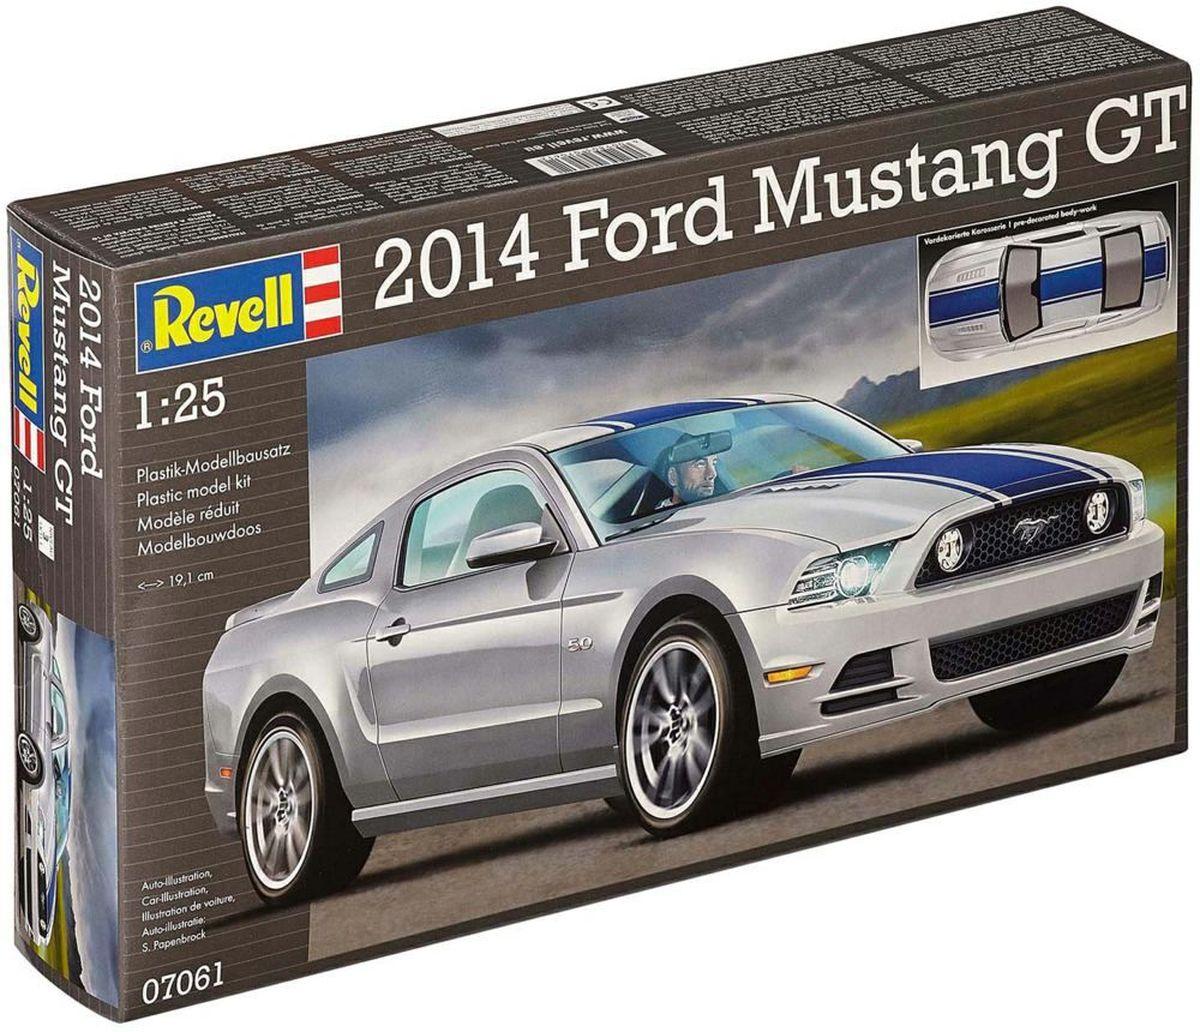 Revell Сборная модель Автомобиль 2014 Ford Mustang GT07061RС помощью сборной модели Revell Автомобиль 2014 Ford Mustang GT вы и ваш ребенок сможете собрать уменьшенную копию одноименного автомобиля. Набор включает в себя 47 пластиковых элементов для сборки. Это пятая по счёту генерация Ford Mustang GT, под капотом которой расположен знакомый по текущей модели 5,0 литровый двигатель. Также в наборе схематичная инструкция по сборке. Процесс сборки развивает интеллектуальные и инструментальные способности, воображение и конструктивное мышление, а также прививает практические навыки работы со схемами и чертежами. Уровень сложности: 3. УВАЖАЕМЫЕ КЛИЕНТЫ! Обращаем ваше внимание на тот факт, что элементы для сборки не покрашены. Клей и краски в комплект не входят.